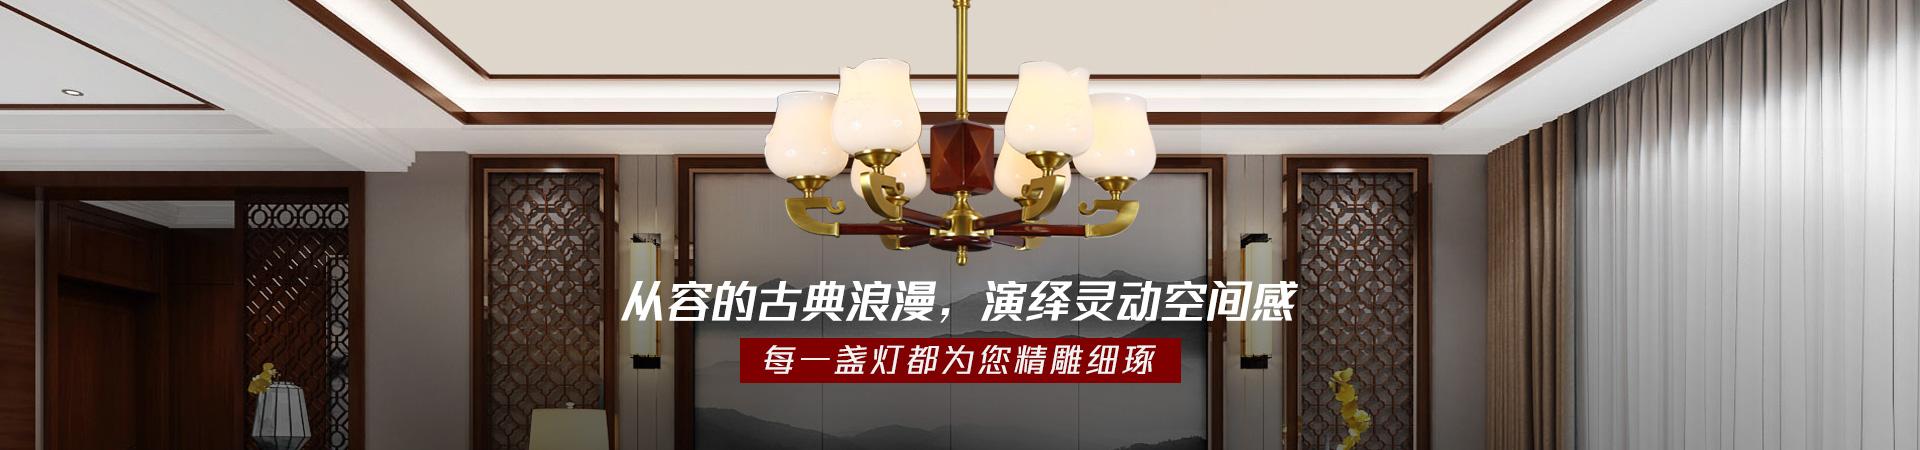 新中式灯厂家